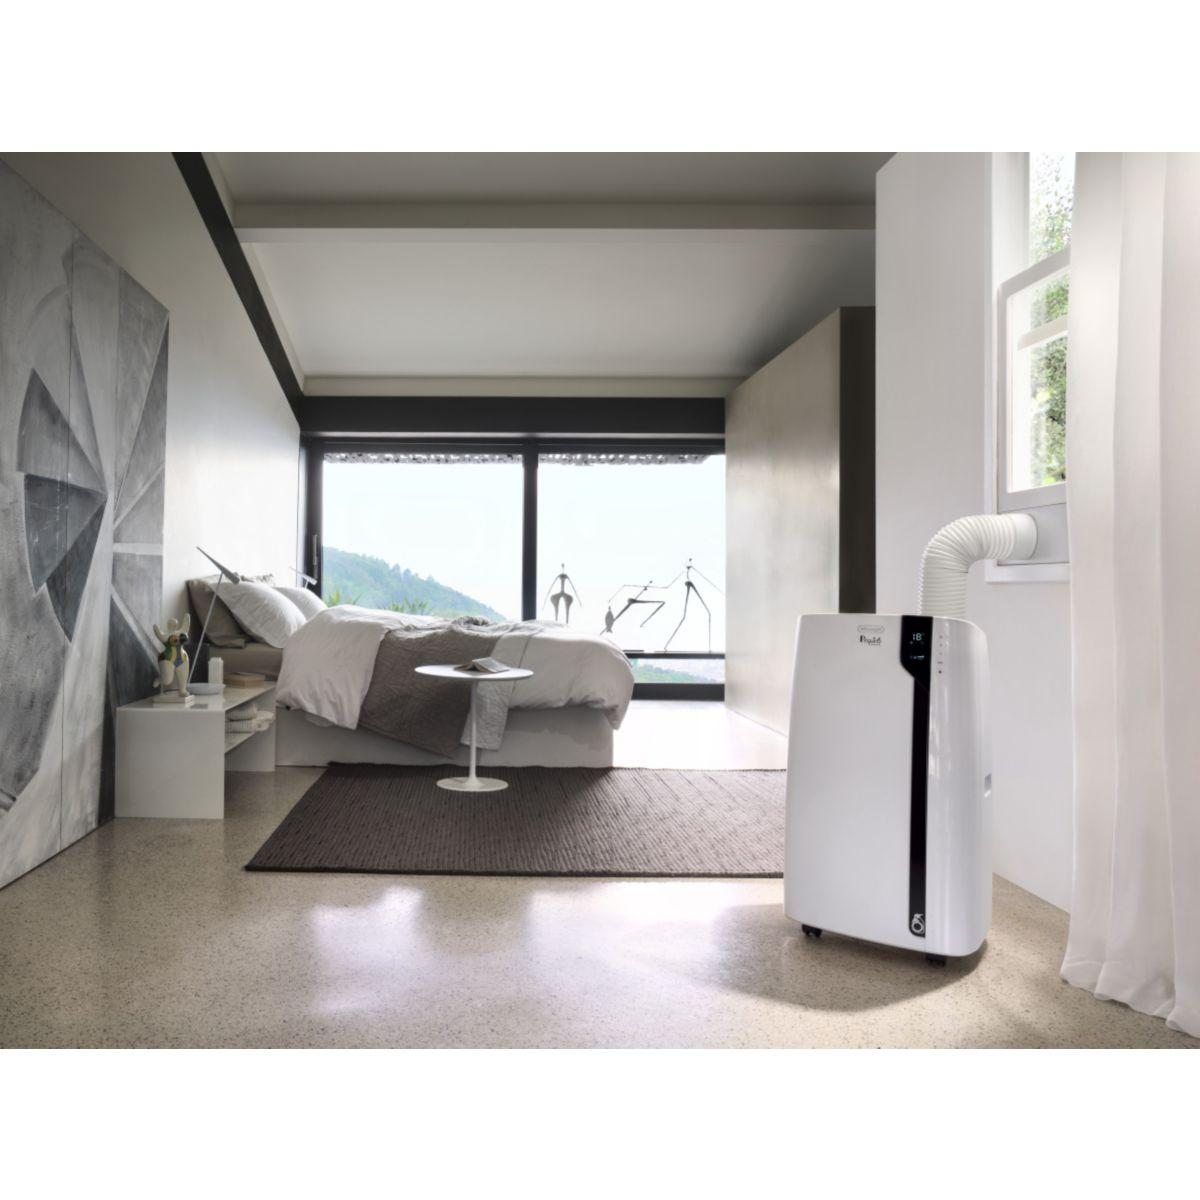 delonghi pac ex100 silent climatiseur monobloc mobile comparer avec. Black Bedroom Furniture Sets. Home Design Ideas